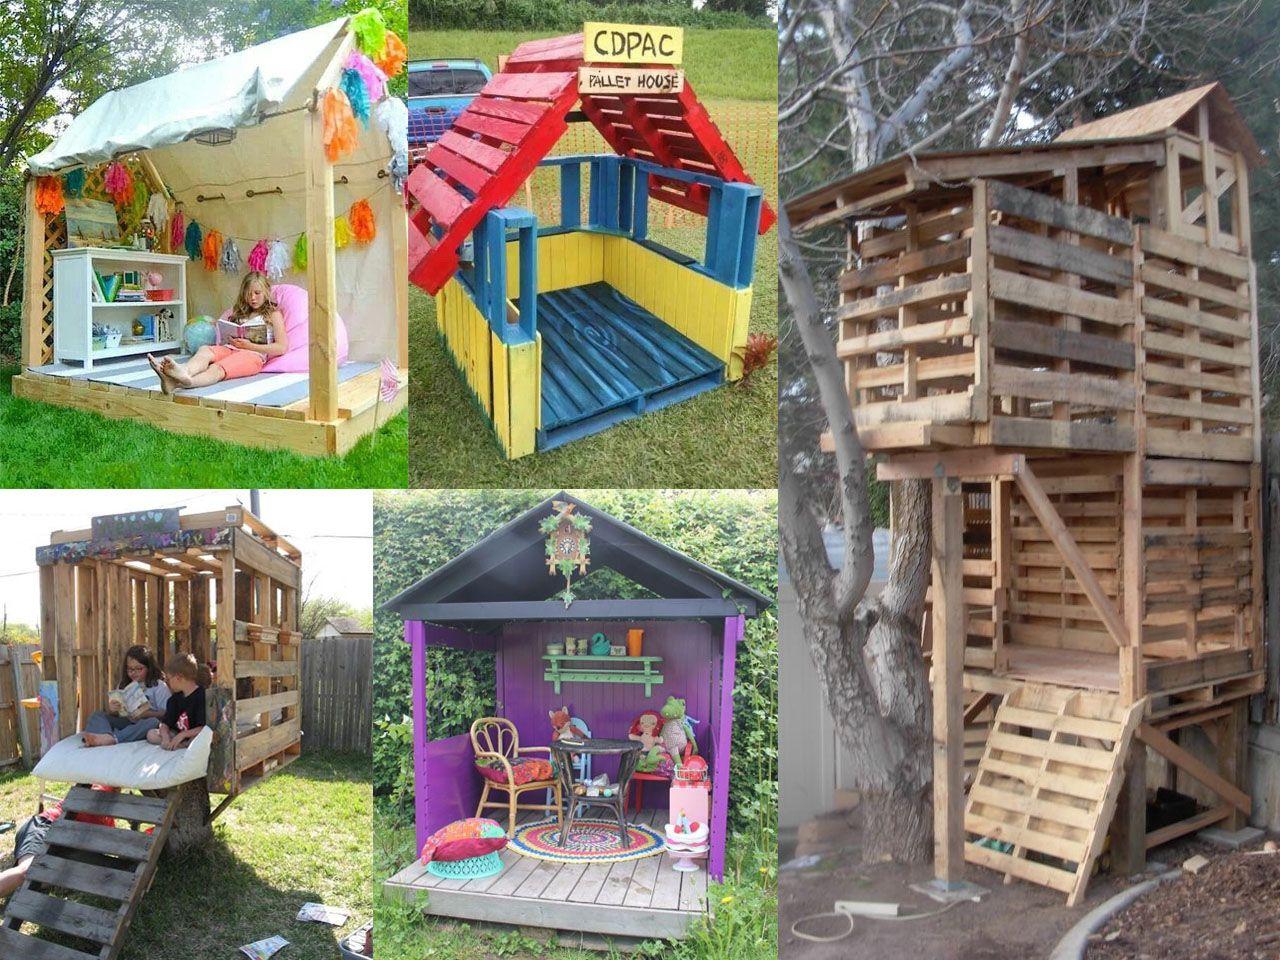 1280 960 jardin pinterest palets para for Casa infantil jardin